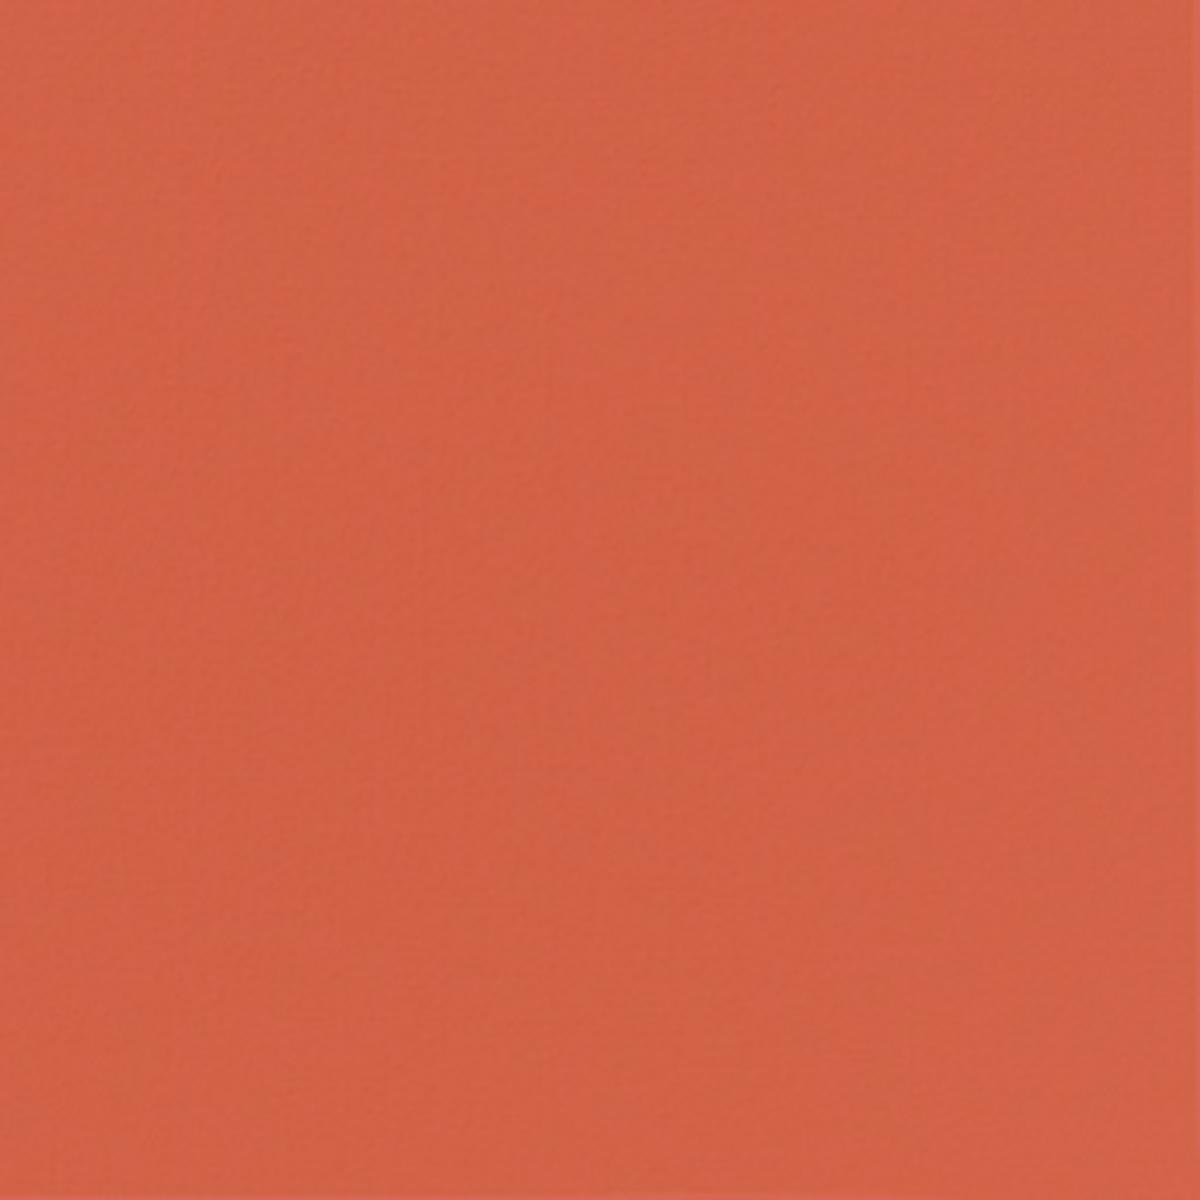 Serviette mandarine non tissé 40x40 cm Airlaid Duni (60 pièces)